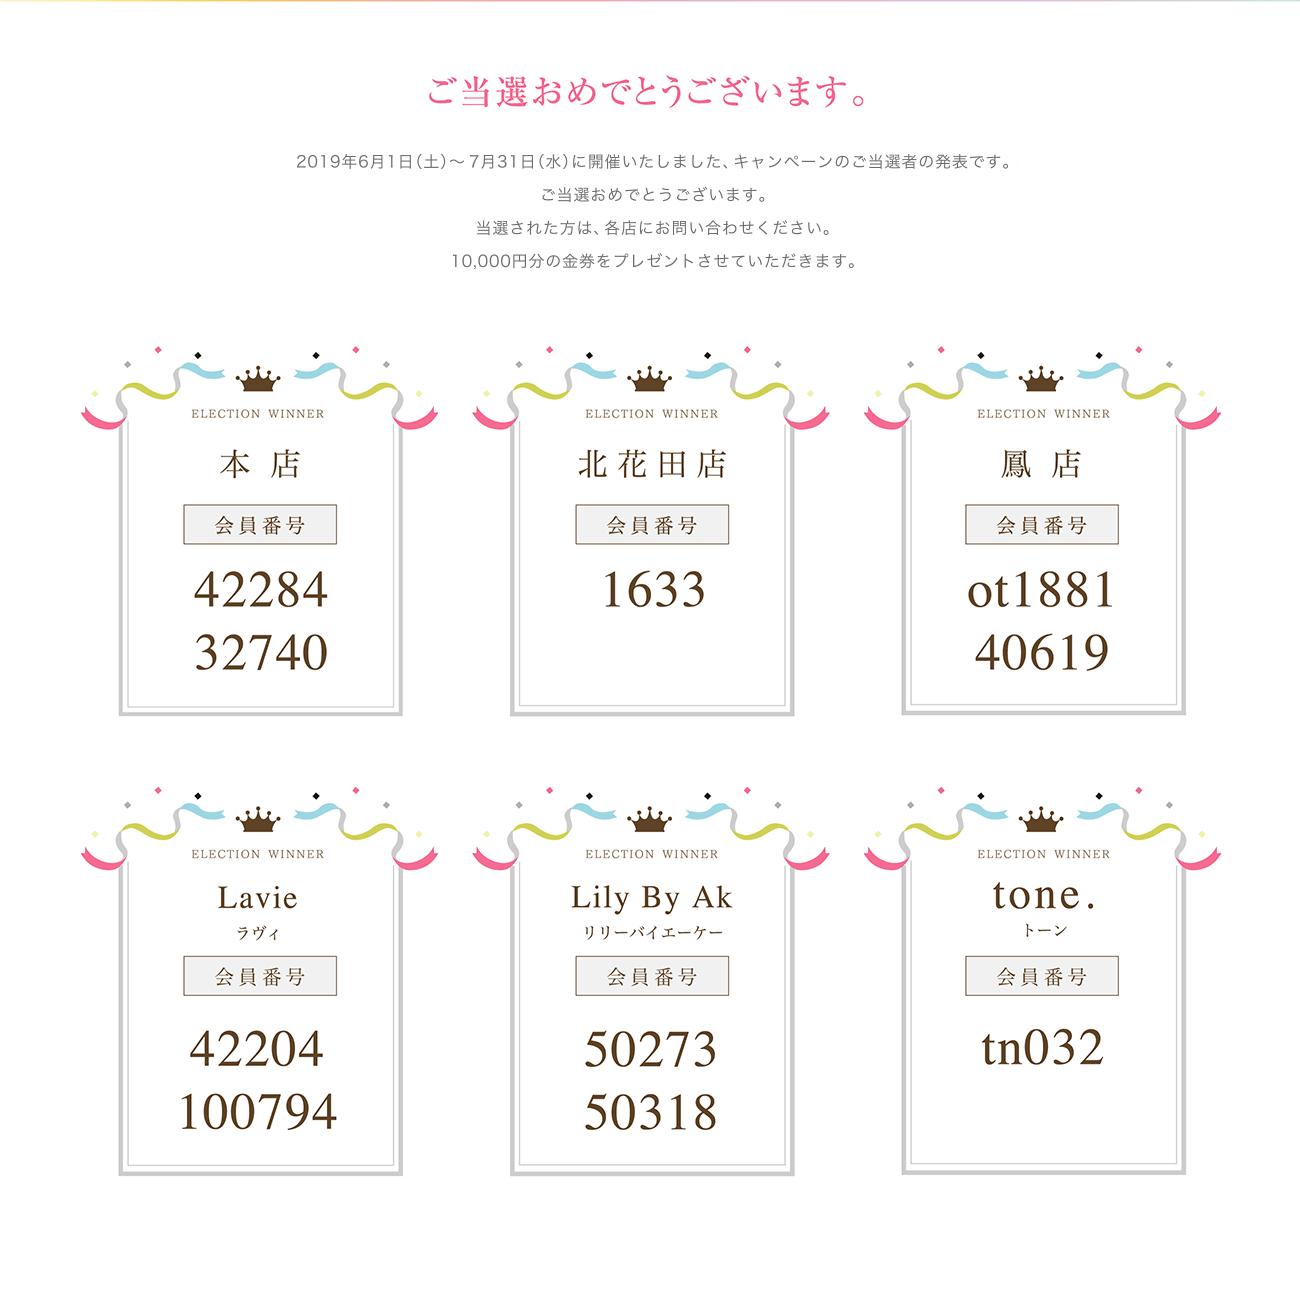 ご当選おめでとうございます。2019年6月1日(土)〜7月31日(水)に開催いたしました、キャンペーンのご当選者の発表です。ご当選おめでとうございます。当選された方は、次回各店舗にご来店の際に抽選券をご提示ください。10000円分の金券をプレゼントさせていただきます。